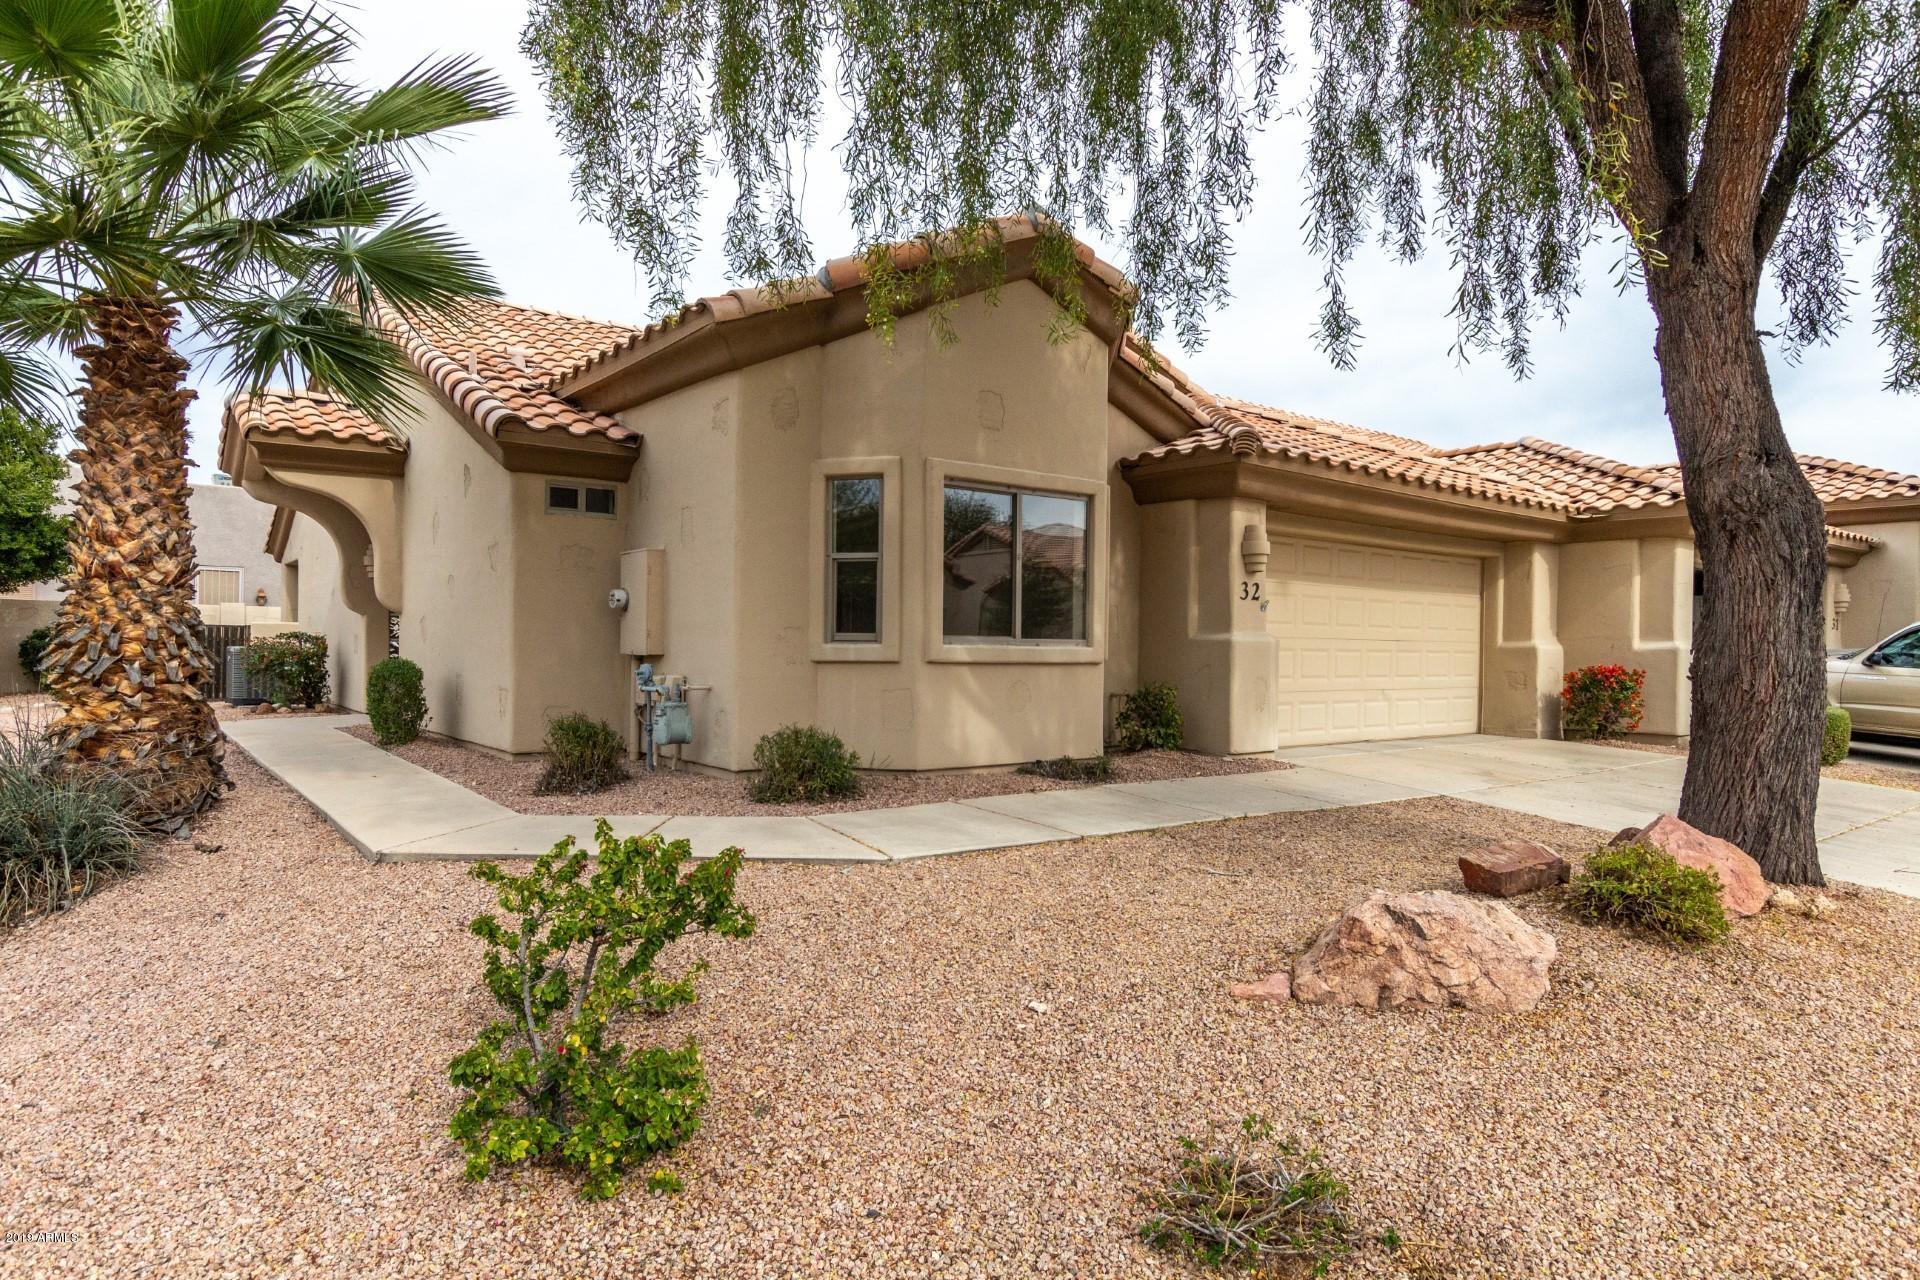 Photo of 5830 E MCKELLIPS Road #32, Mesa, AZ 85215